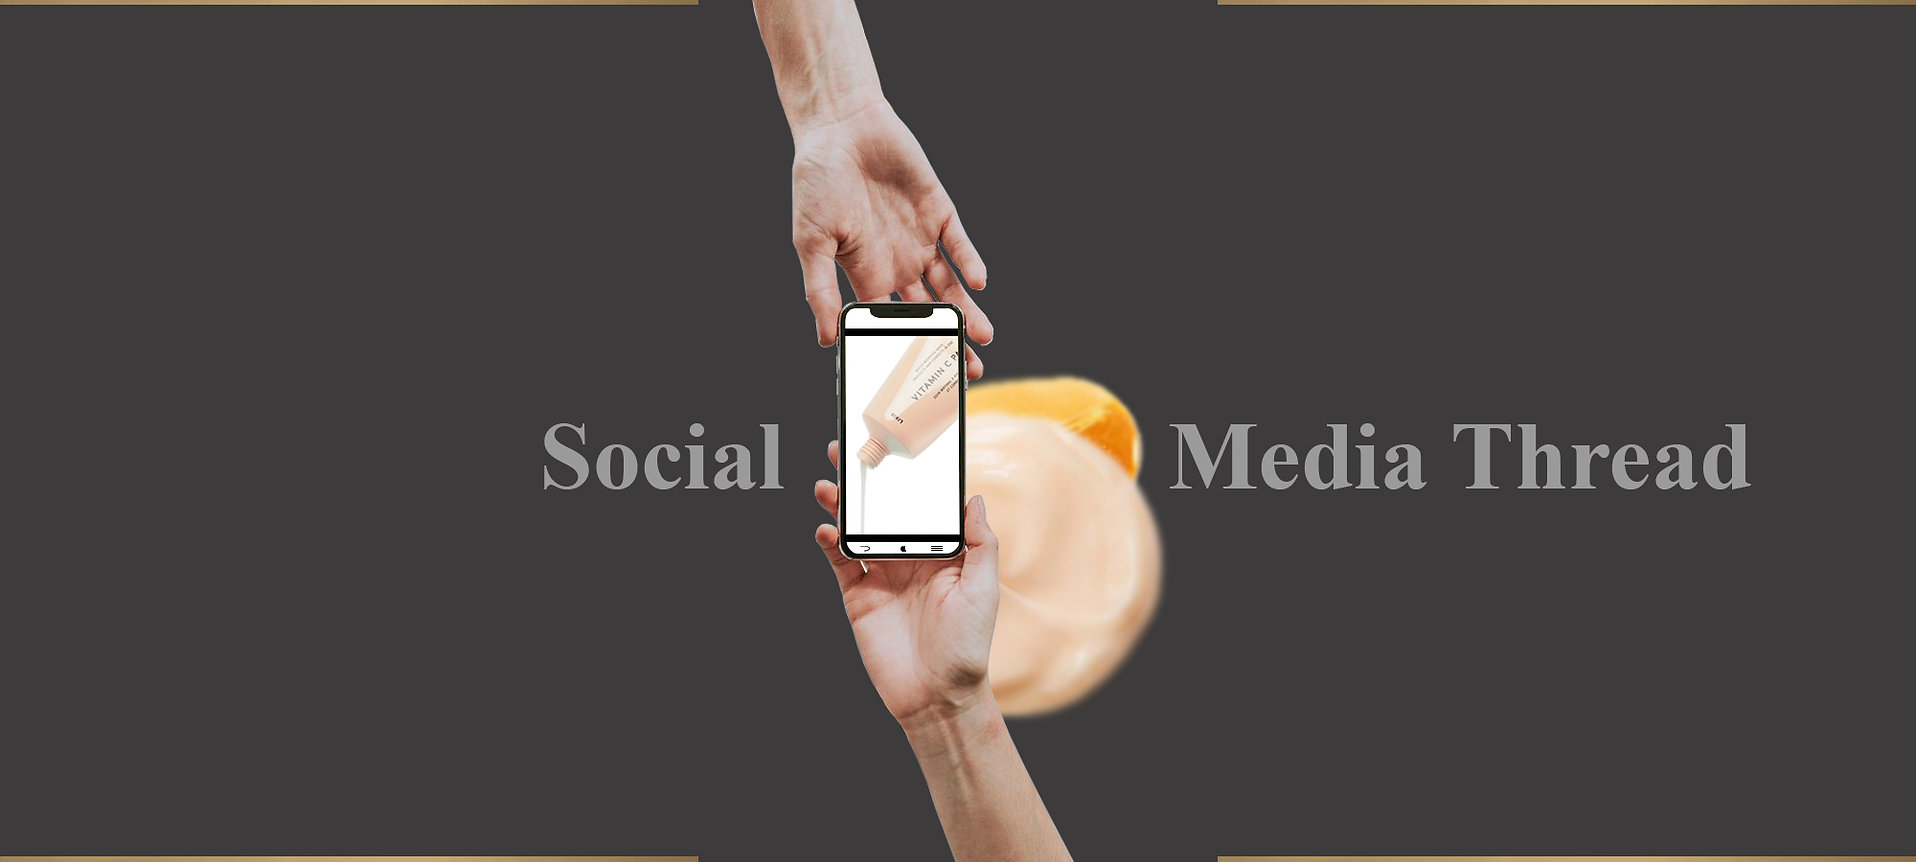 social media thread banner.jpg